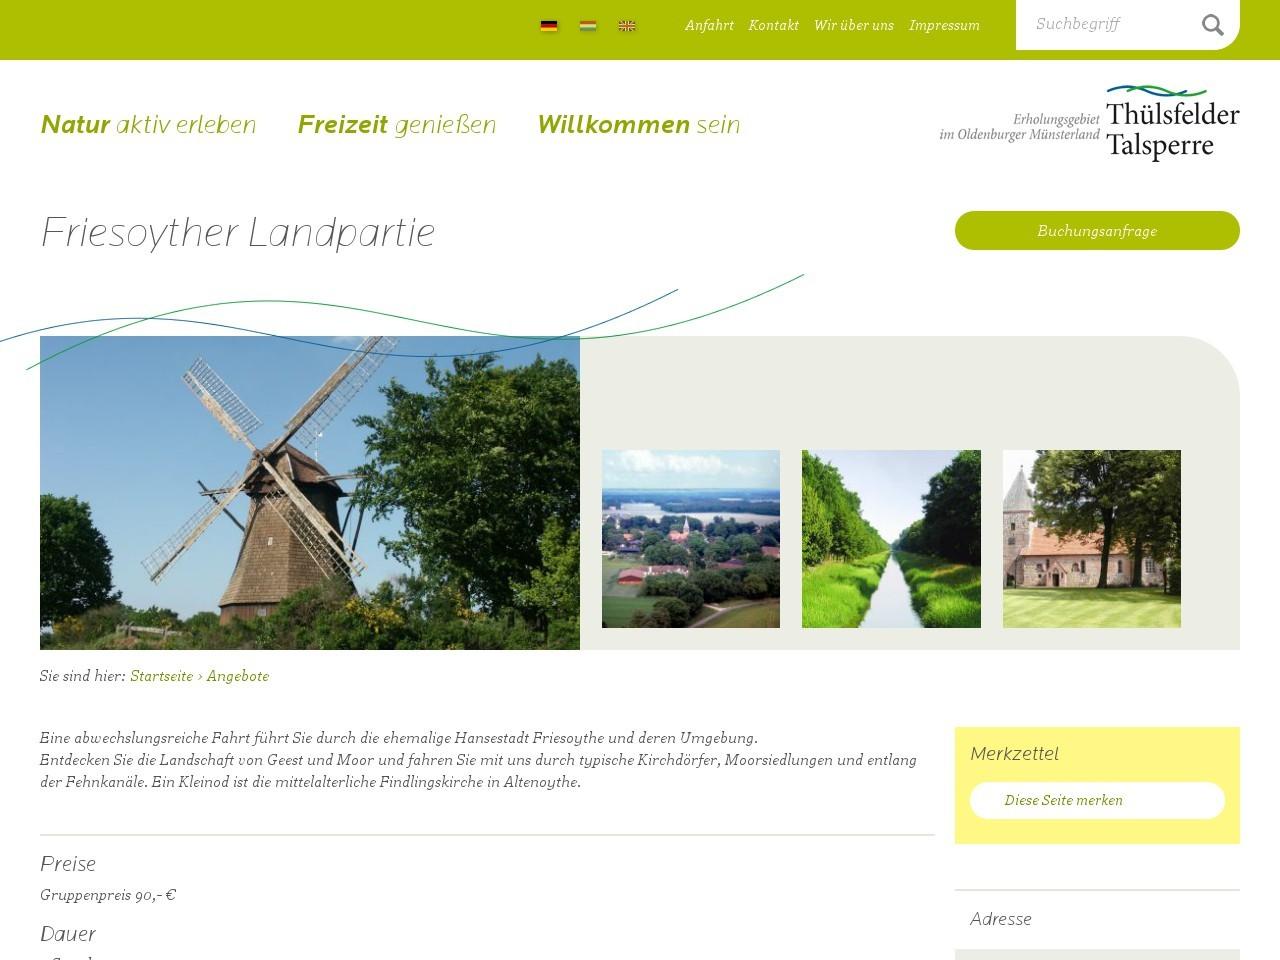 Landpartie cloppenburg 2020